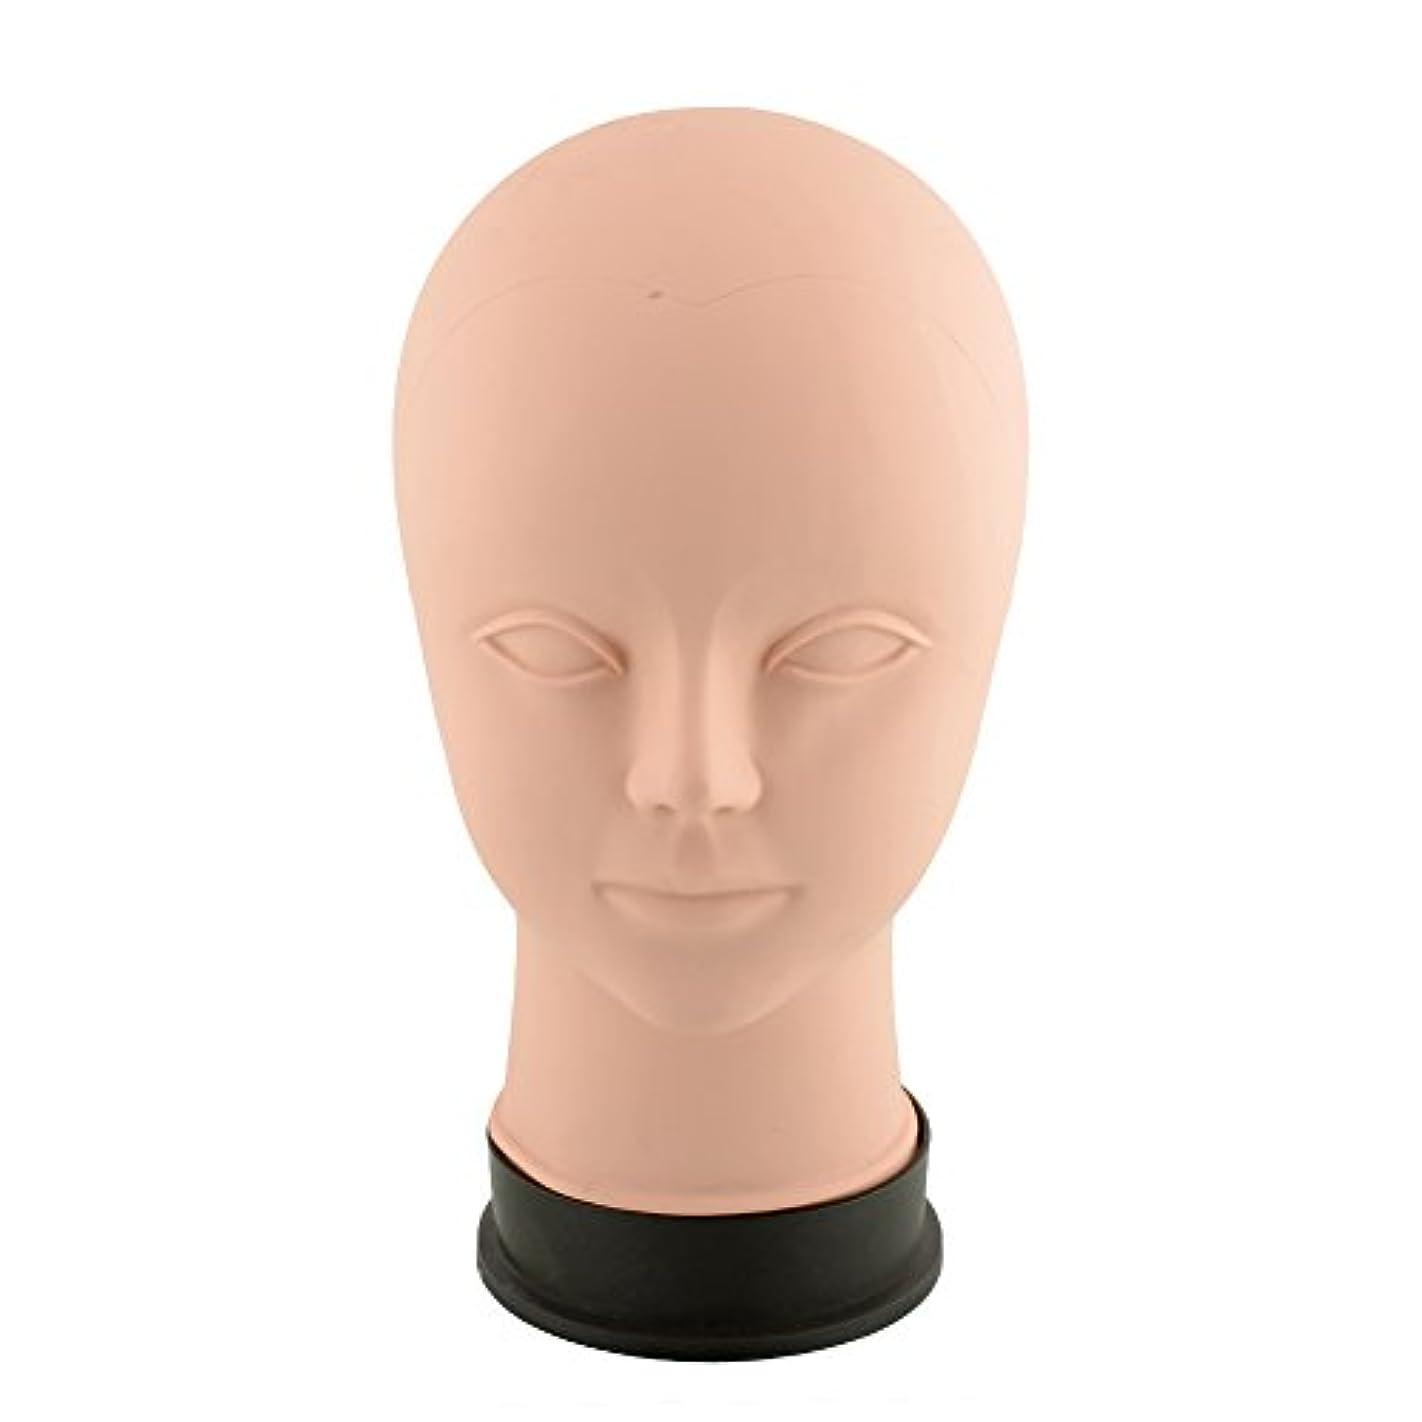 これまで不当論理Kicode ビューティートレーニング マネキンは練習をメイクアップ フラットヘッド瞳の偽まつげ マネキンマネキンヘッド